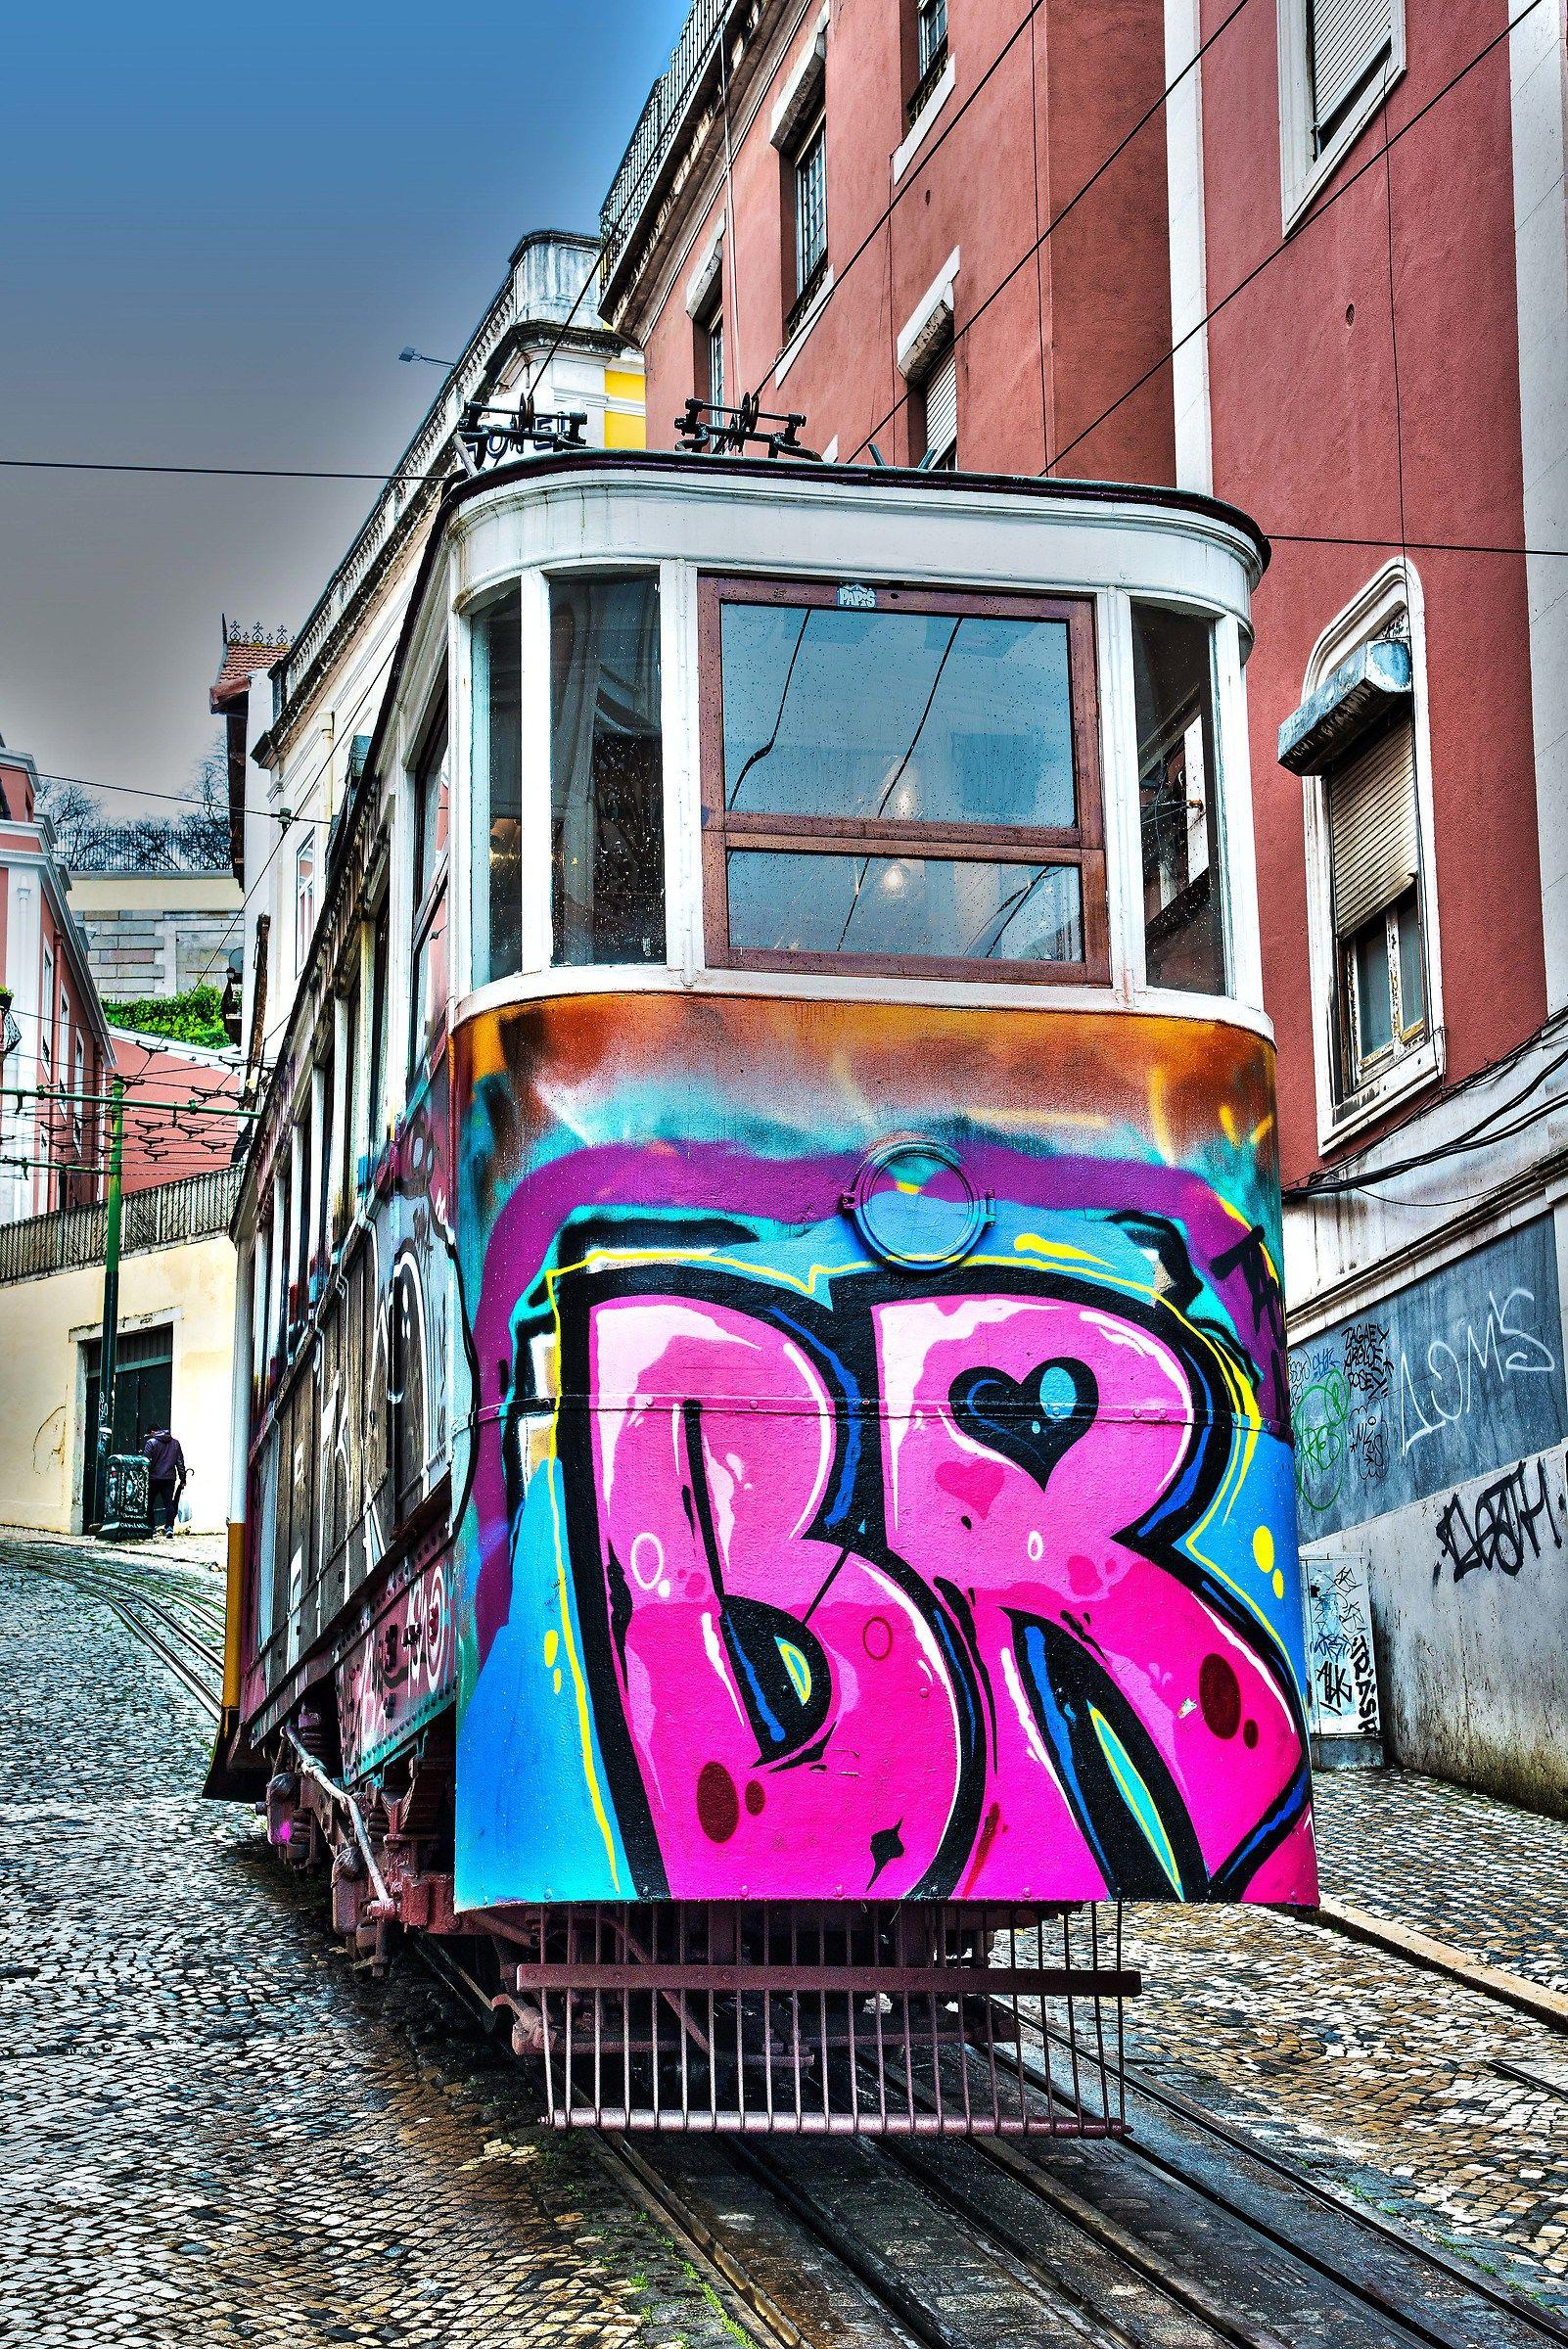 The Lisbon tram...